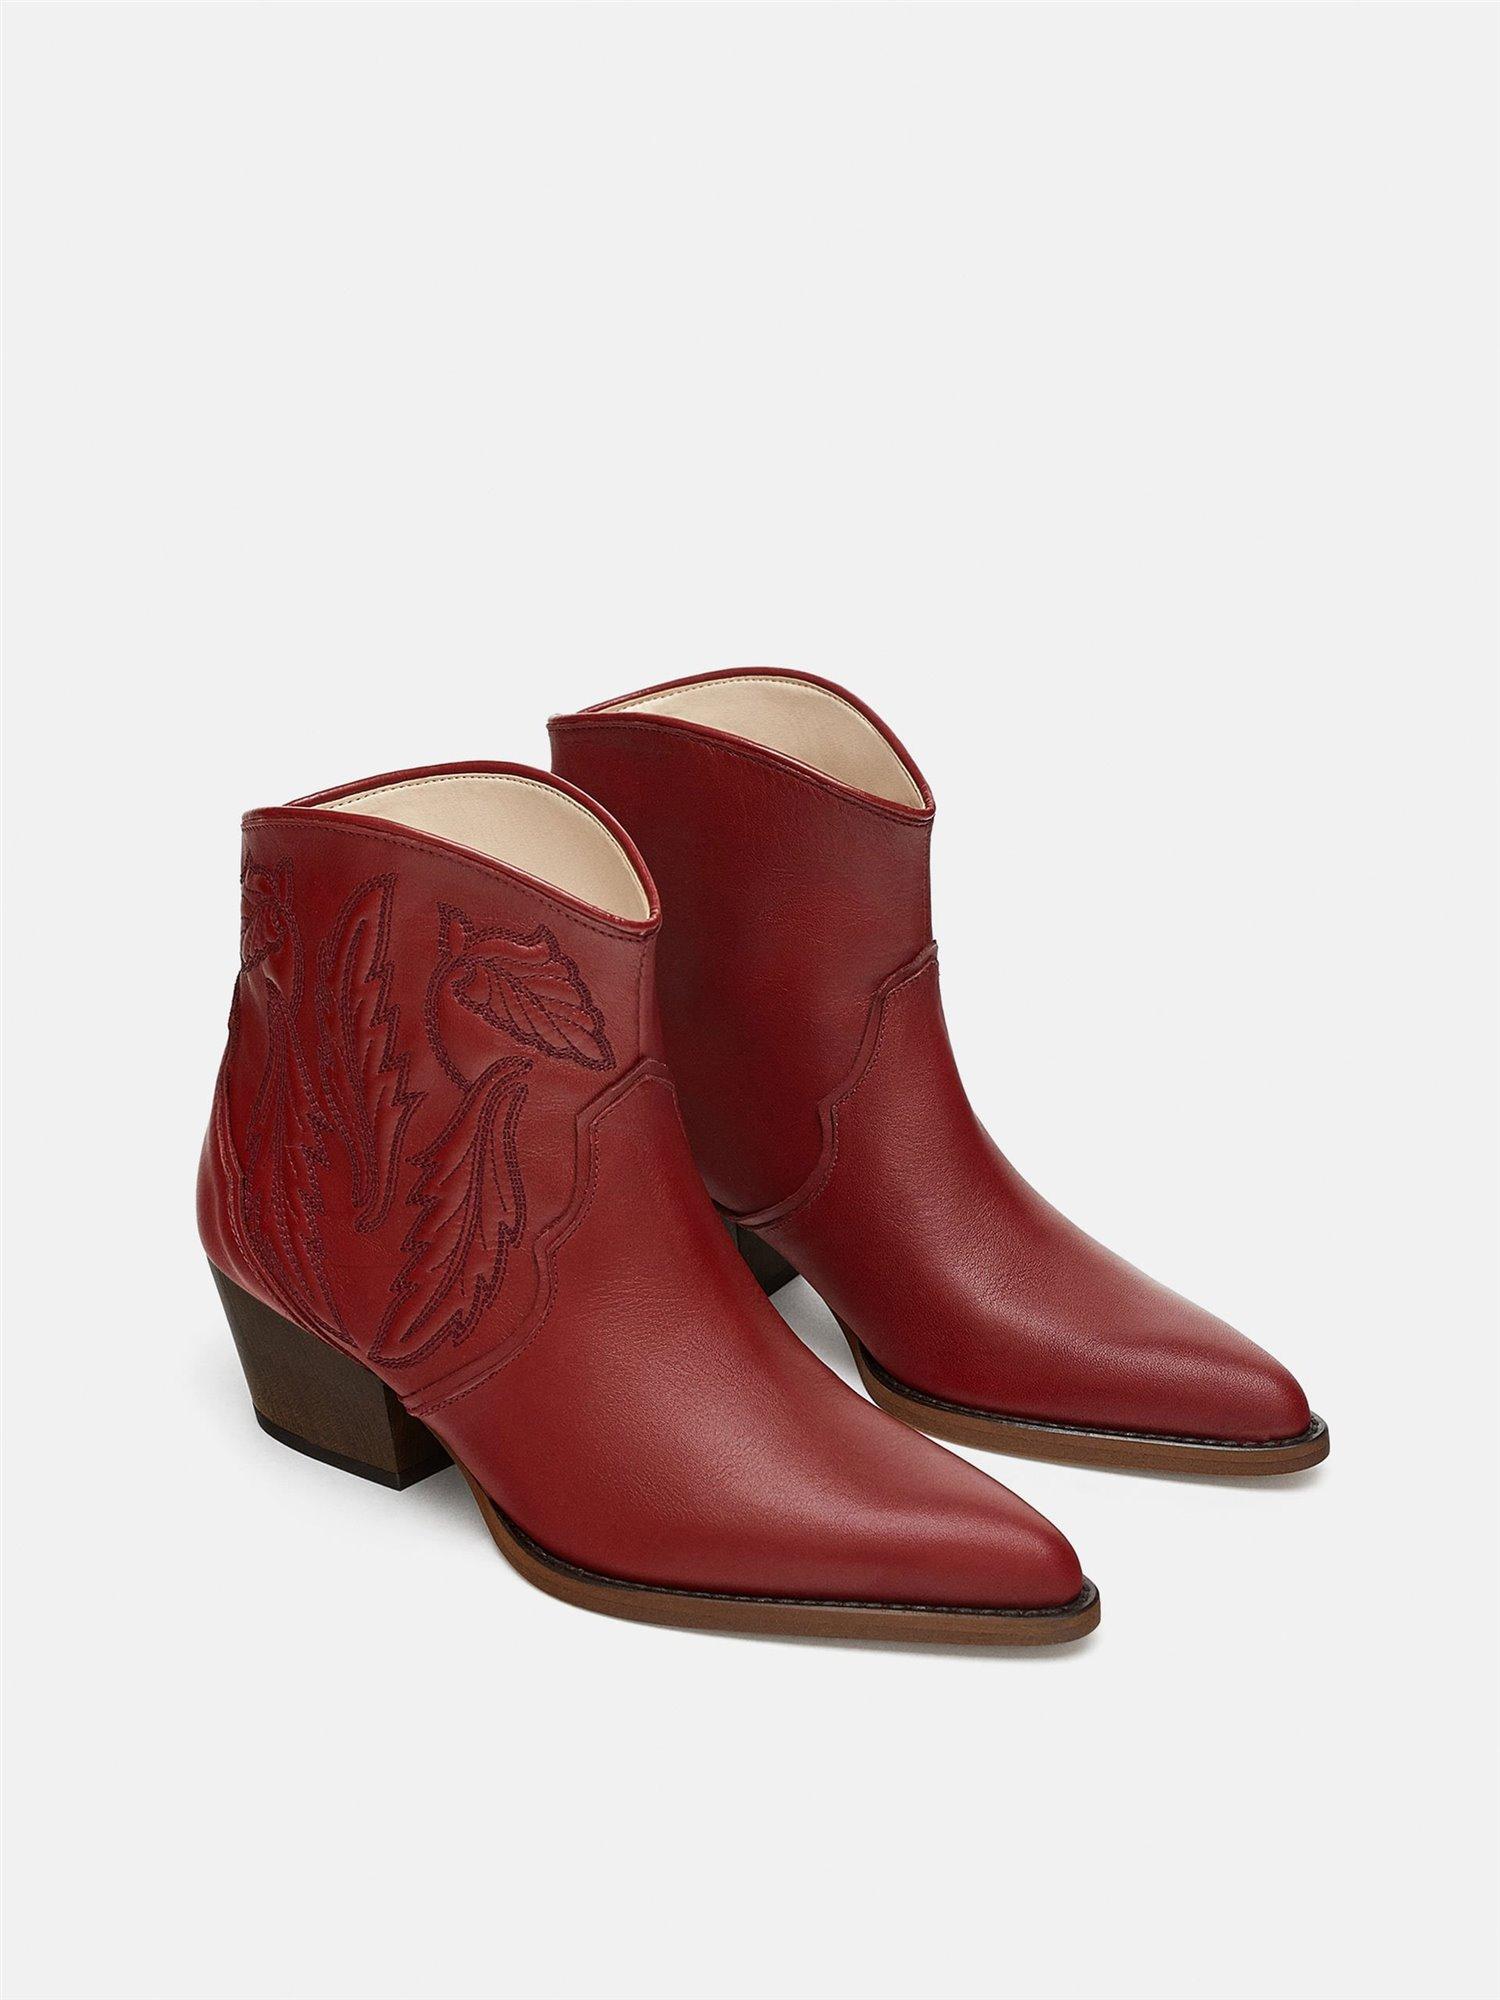 belleza zapatillas nuevas variedades Botas camperas o cowboy de mujer: el zapato de moda - InStyle